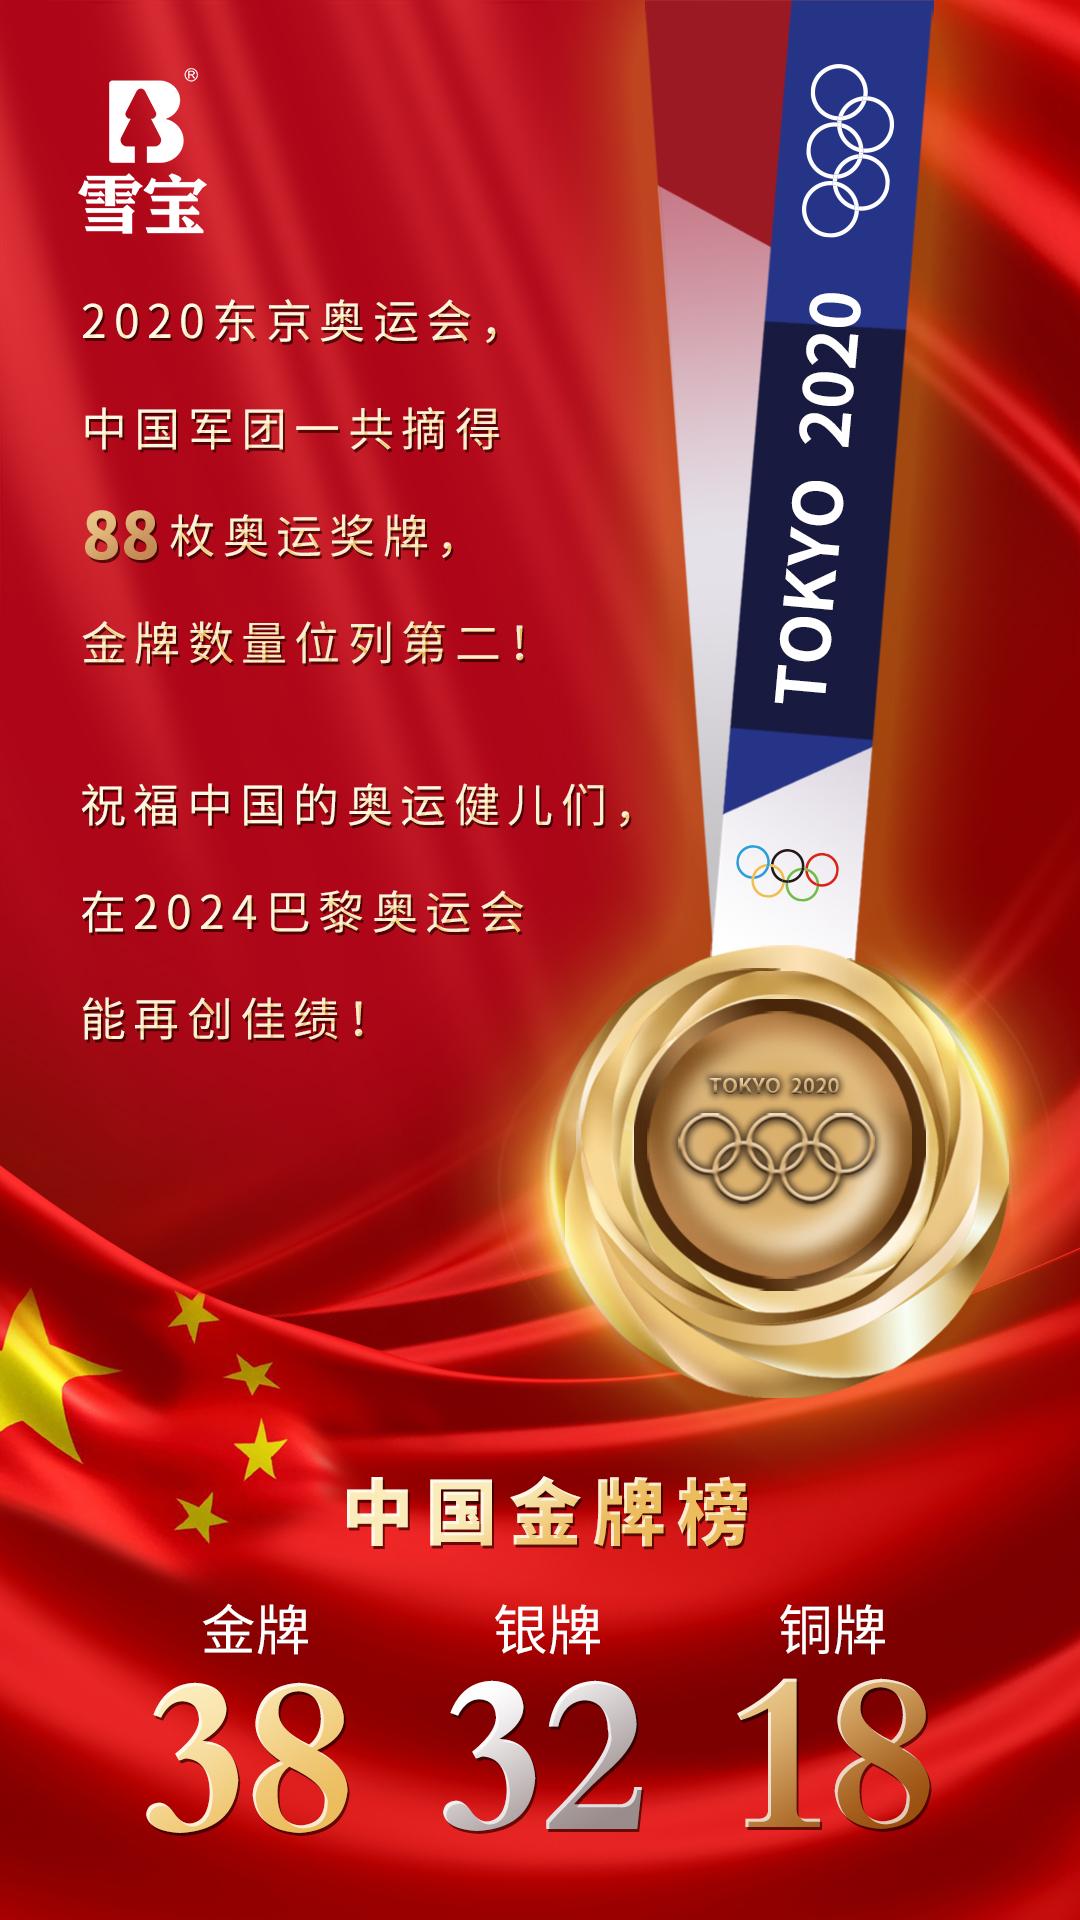 2020东京奥运会 中国金牌统计